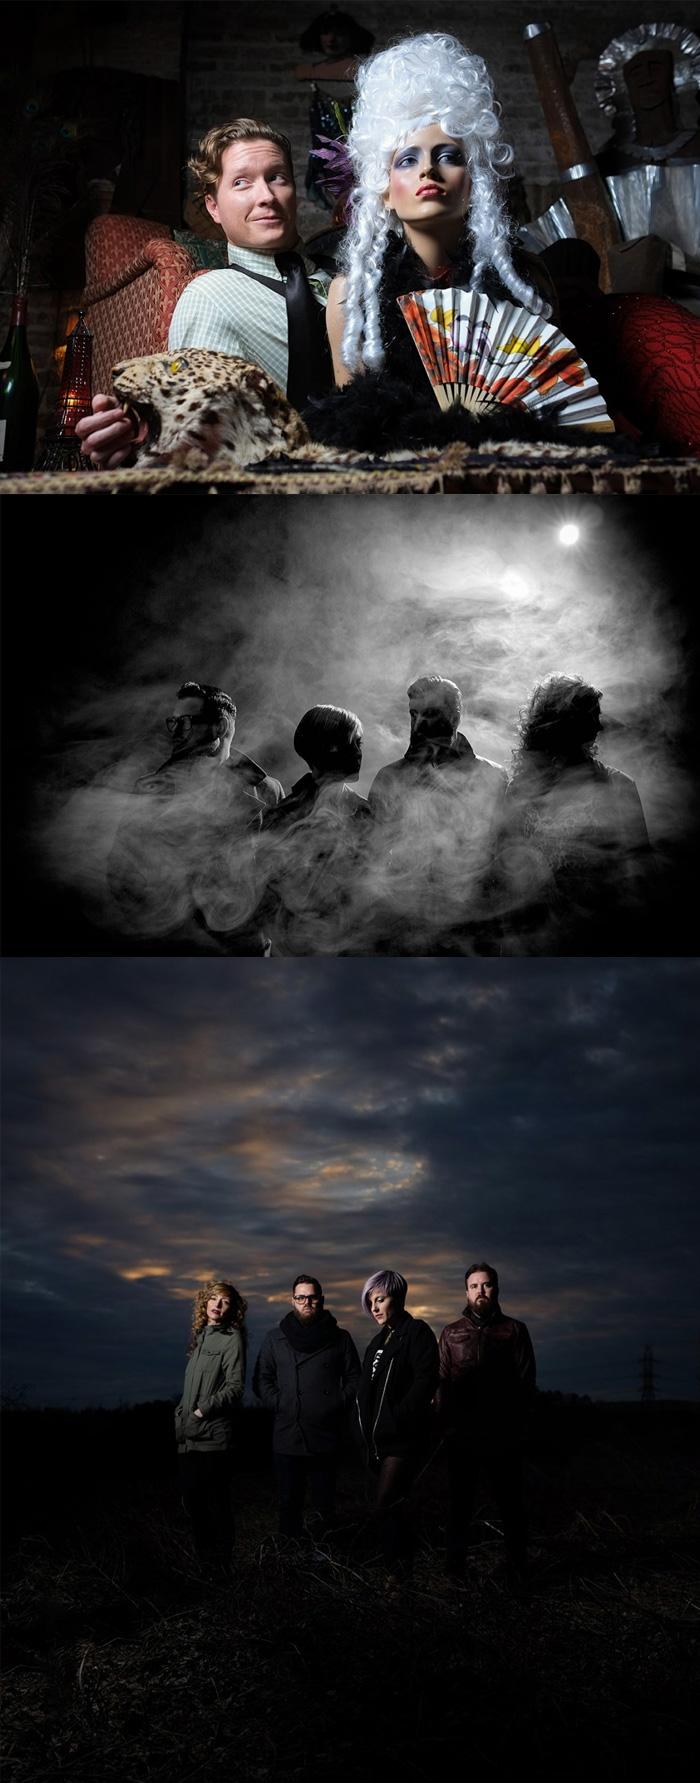 摄影教程,Zack Arias 单灯布光摄影教程第二版 中文版高清 实惠普及价 摄影教程 ,预览图16